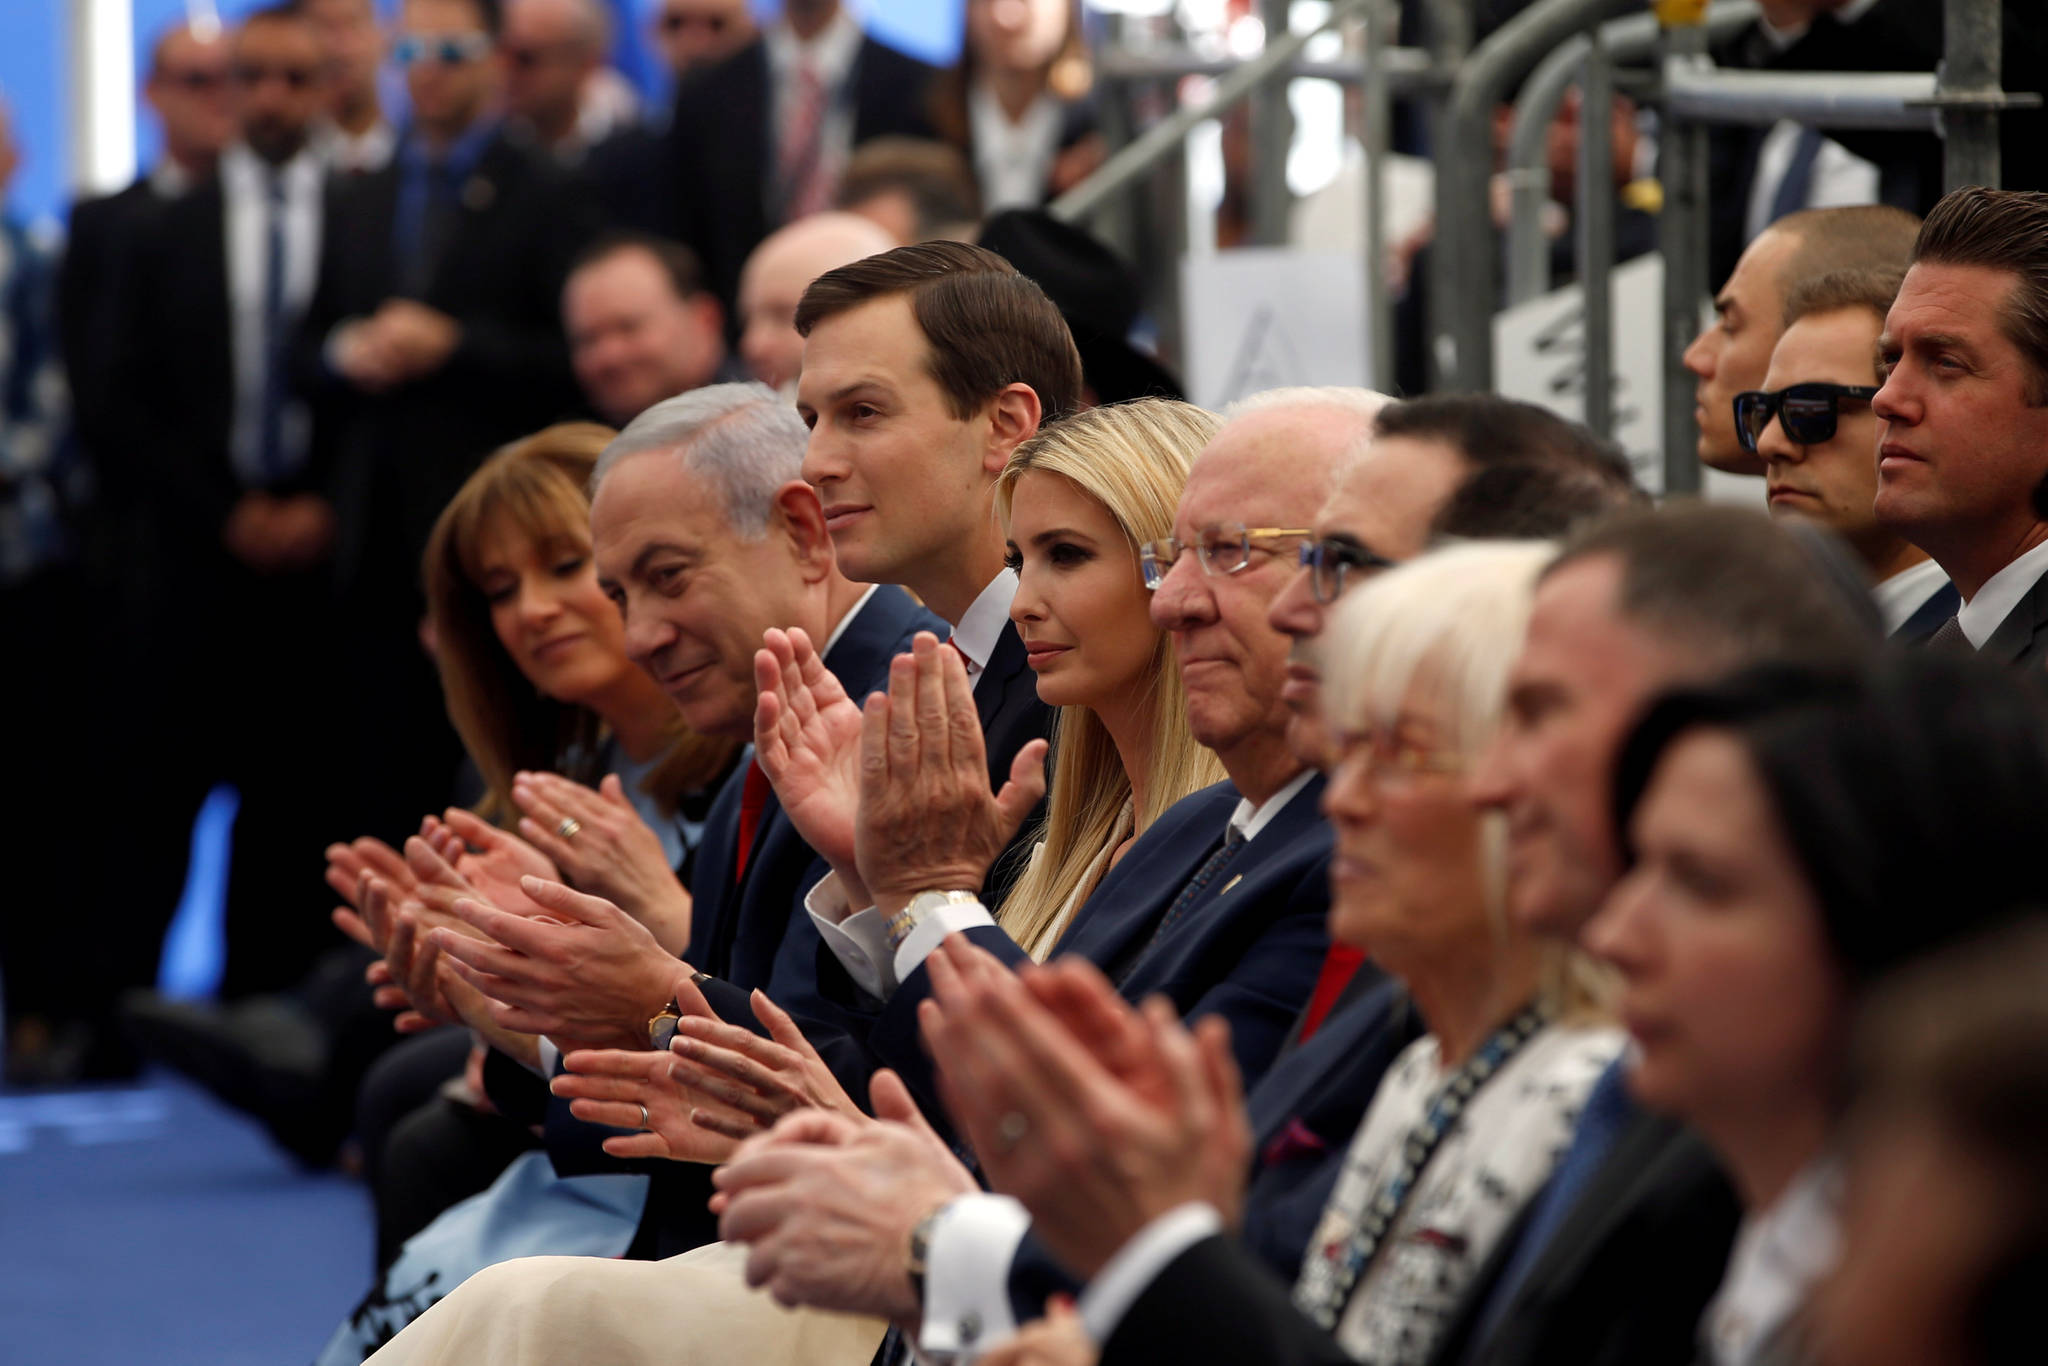 왼쪽 둘째부터 이스라엘 베냐민 네타냐후 총리, 백악관 수석보좌관 재러드 쿠슈너, 이방카 트럼프, 데이비드 프레드만 주이스라엘 미국대사, 스티븐 므누신 미 재무부장관 등이 개관식에 참석해 박수를 치고 있다. [로이터=연합뉴스]